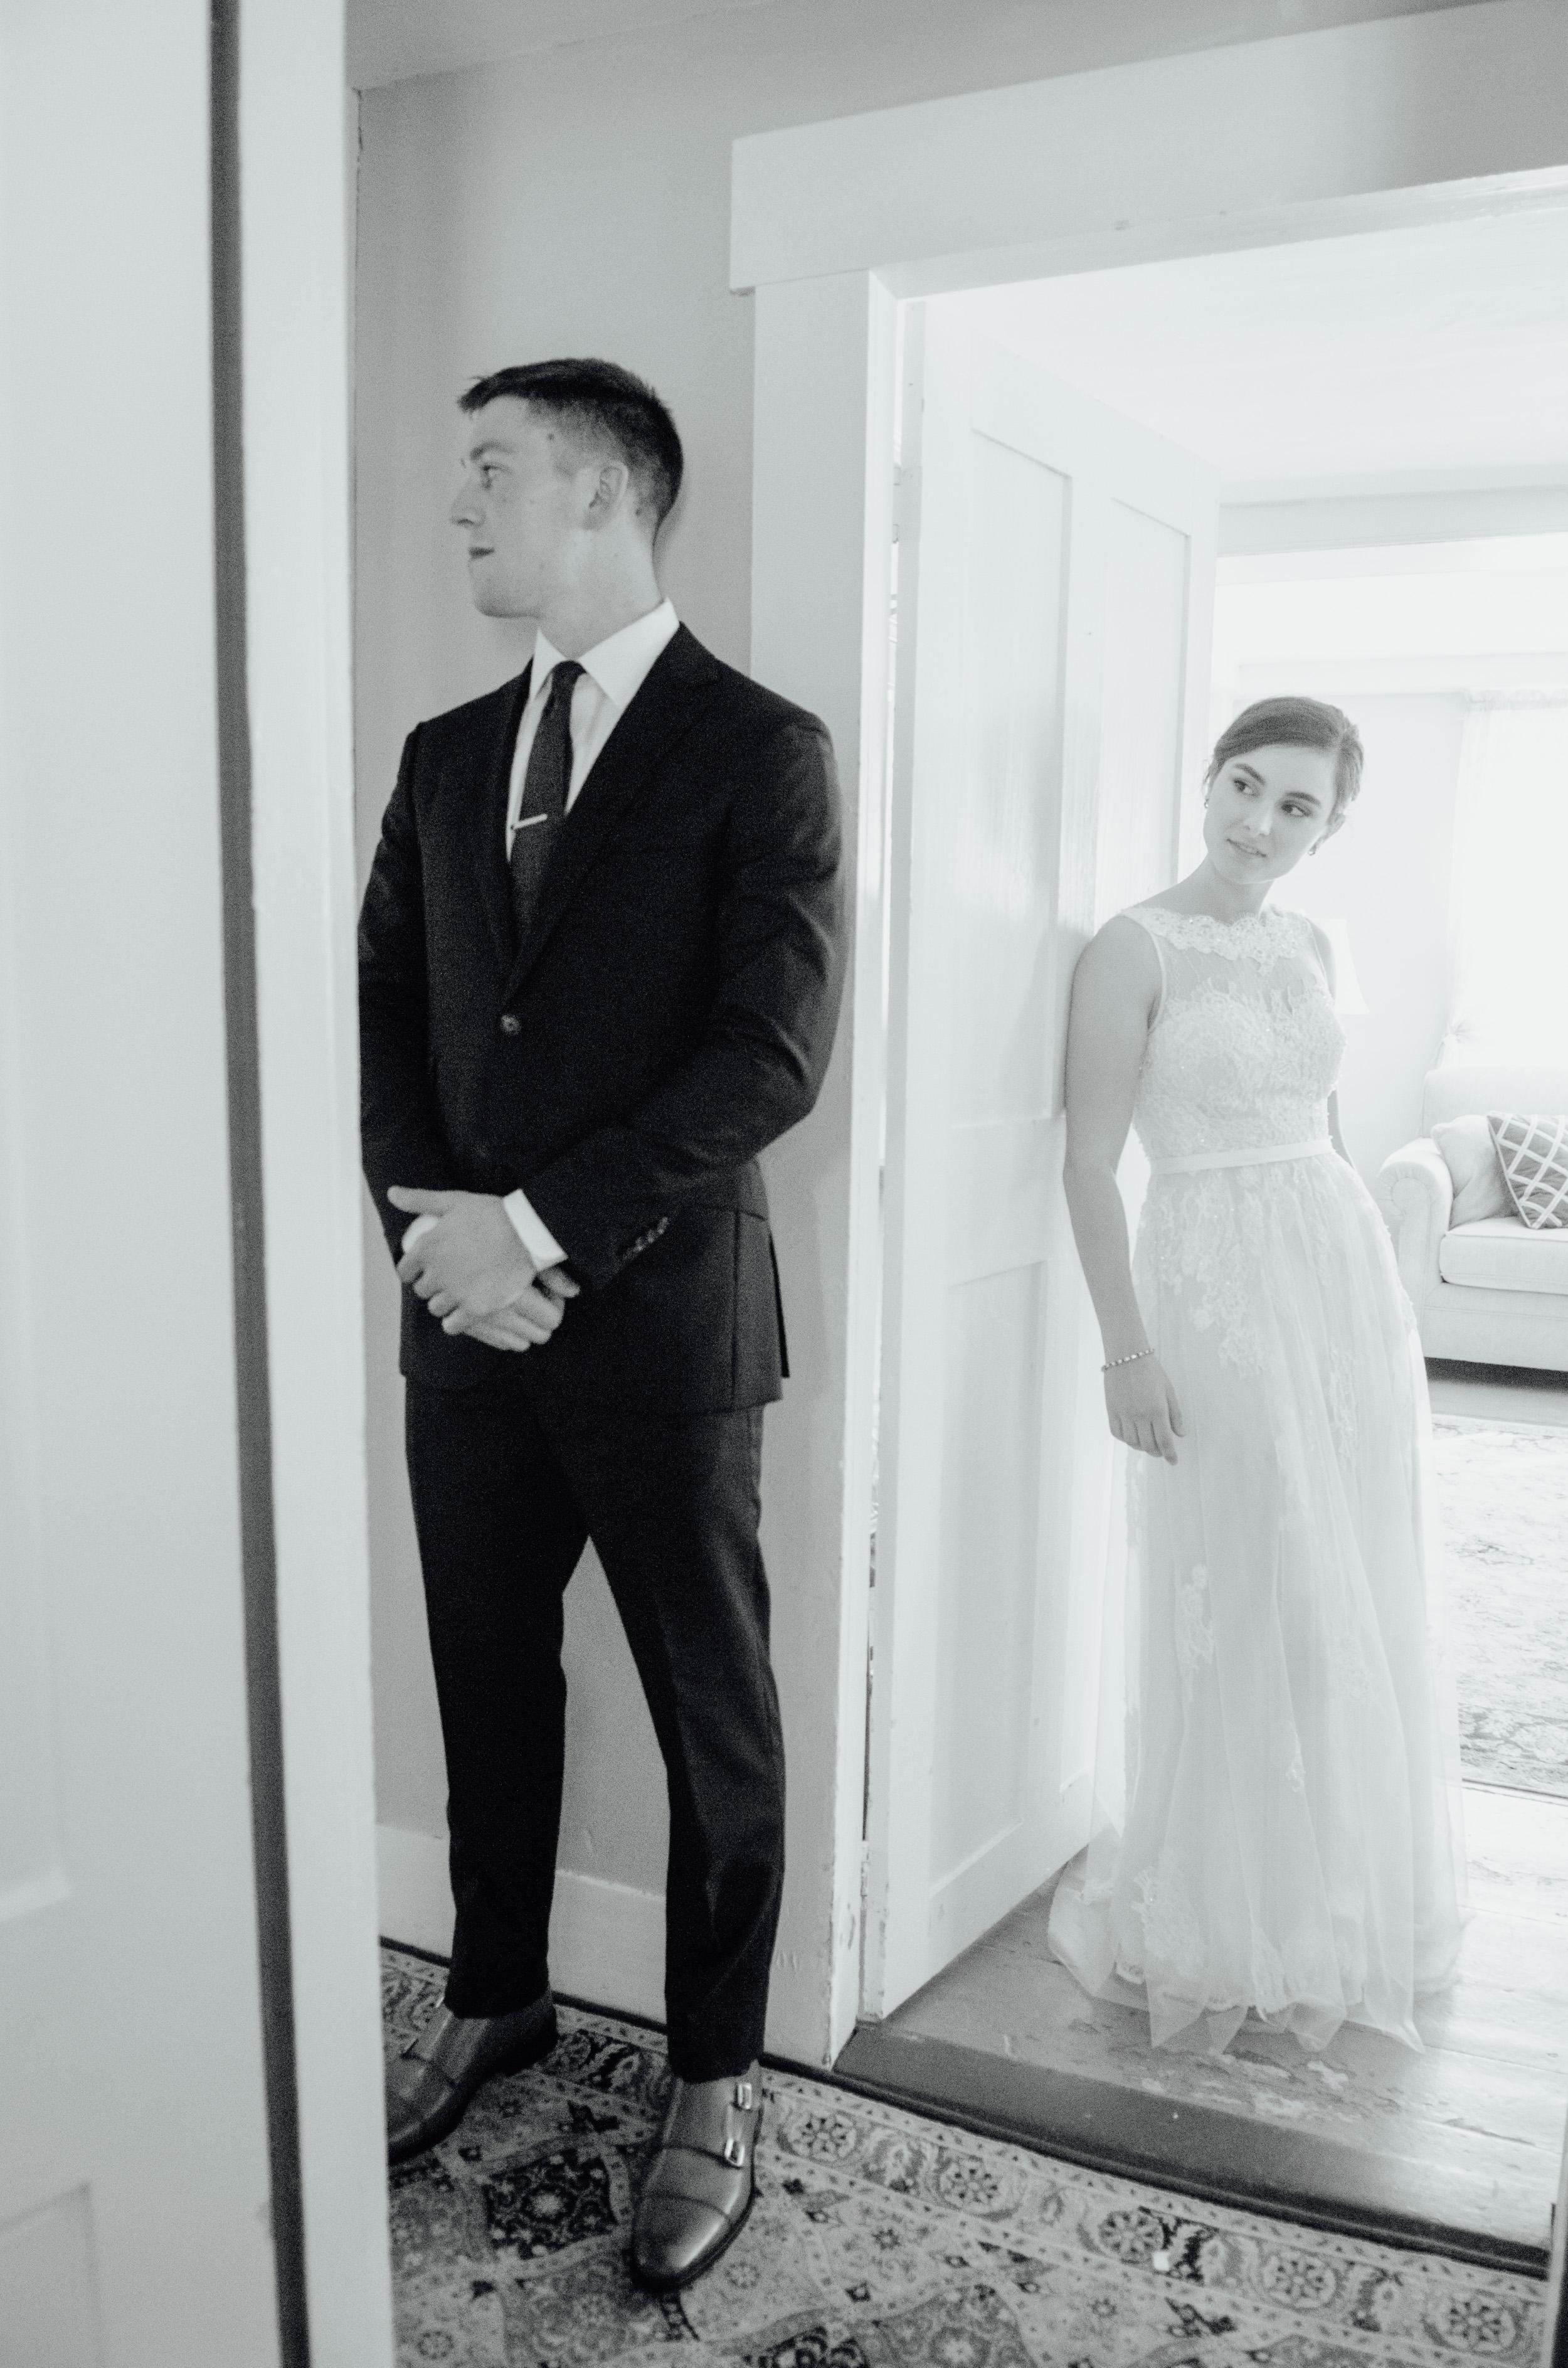 cleland-studios-weddings-46.jpg